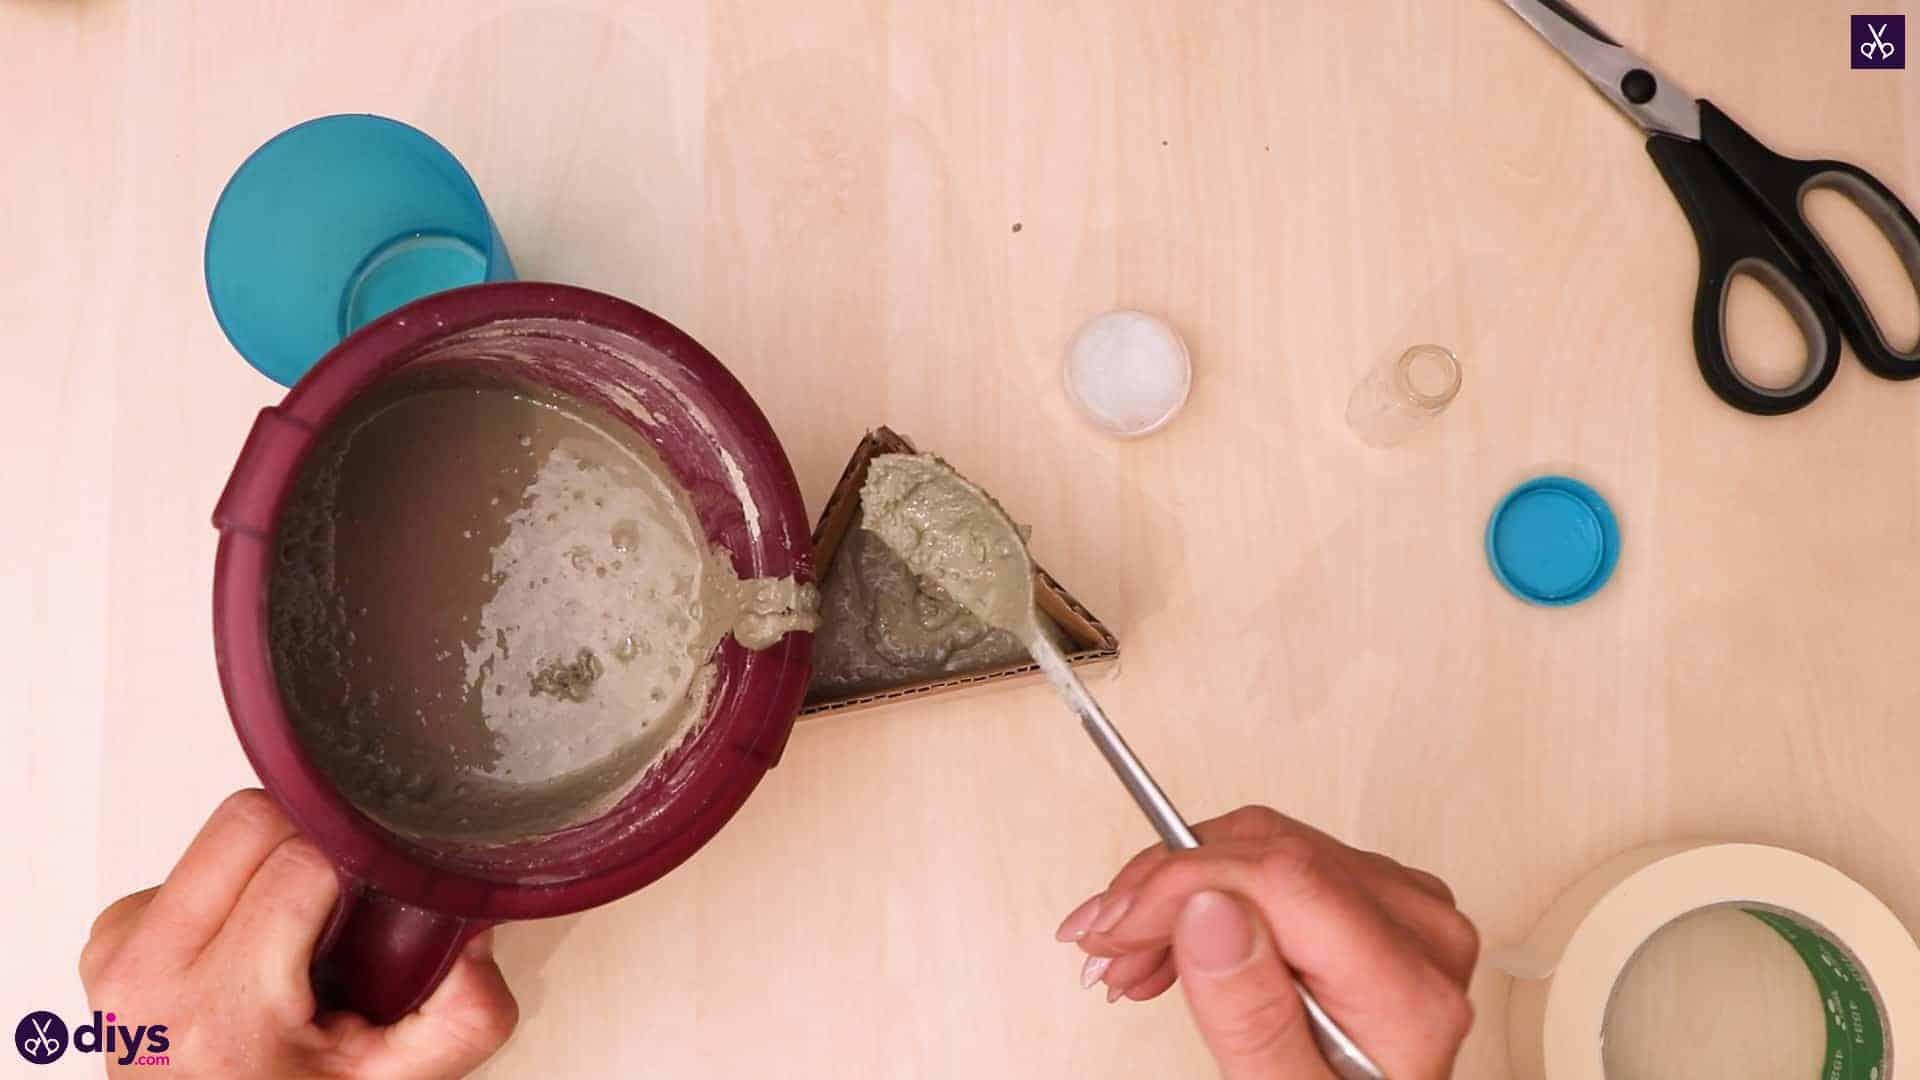 Diy concrete reed diffuser pour concrete